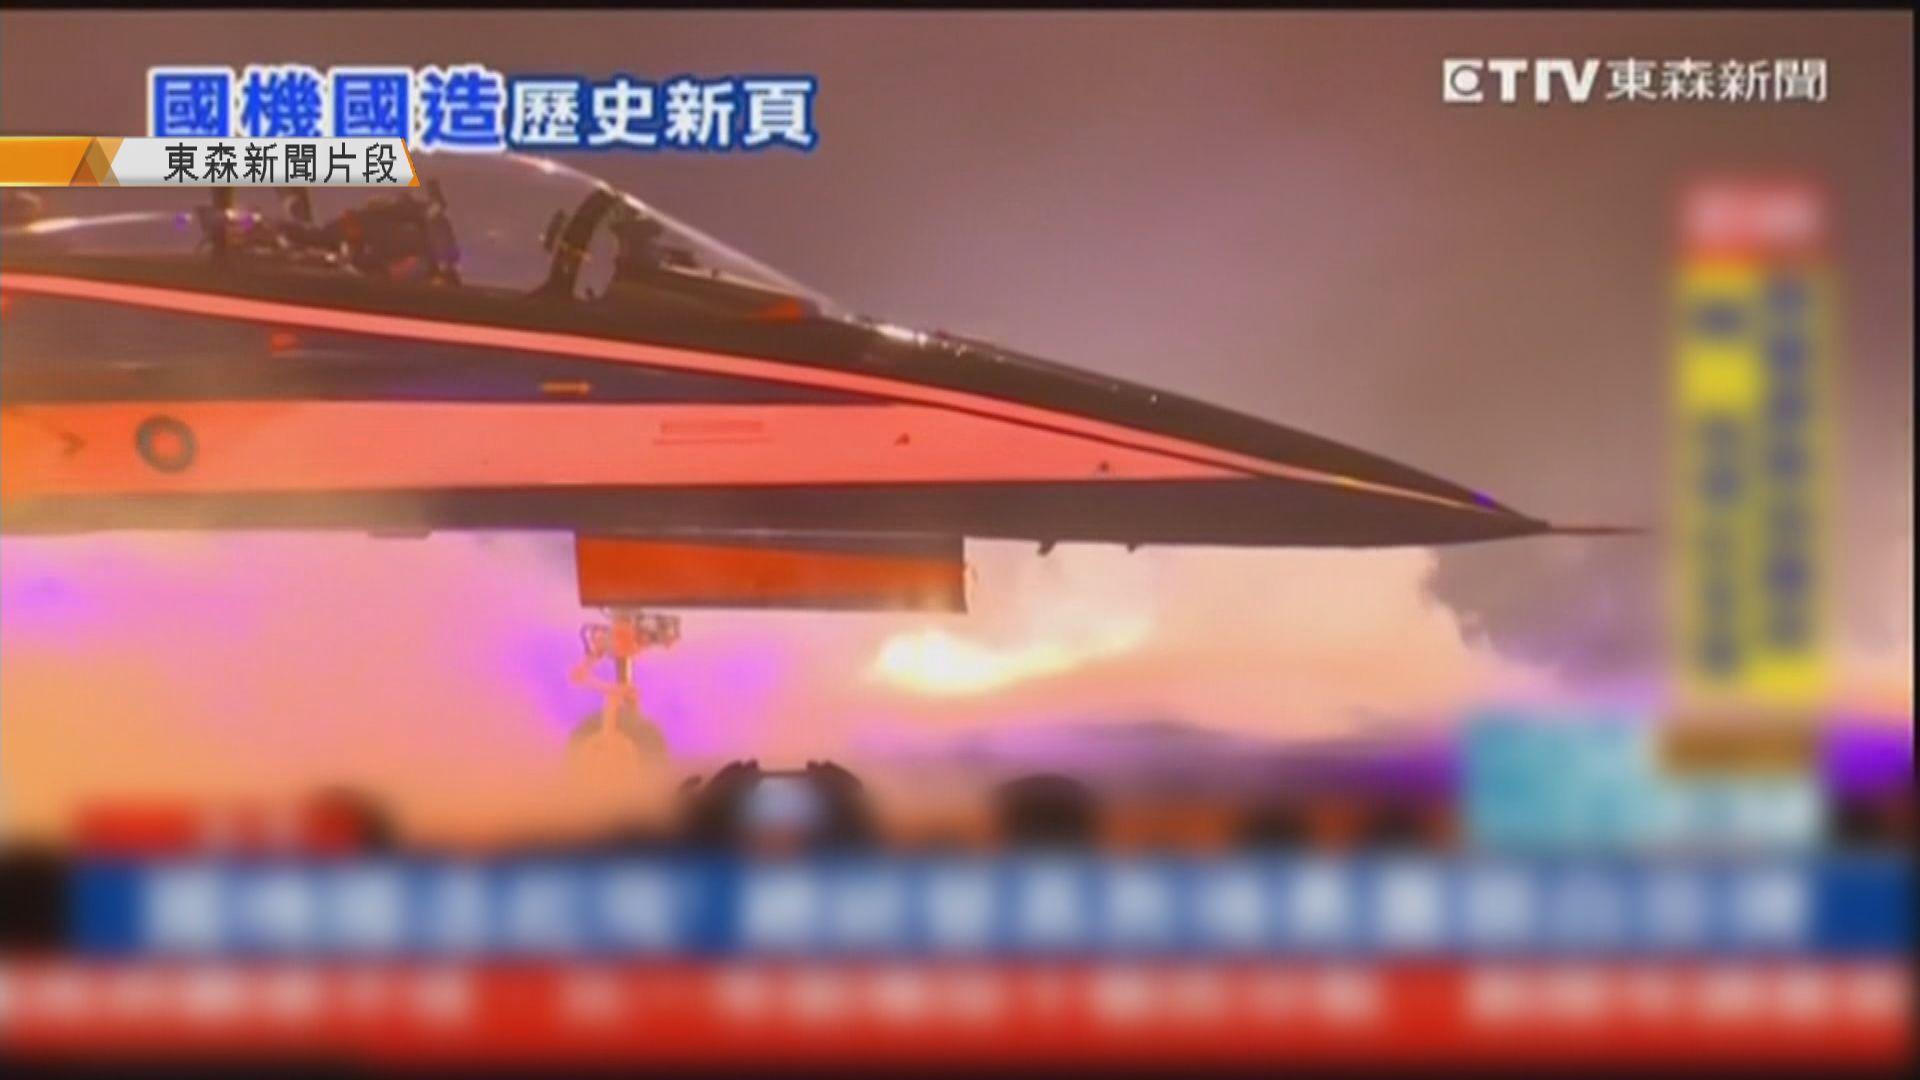 台灣自製新式高教機出廠 蔡英文指是重要里程碑